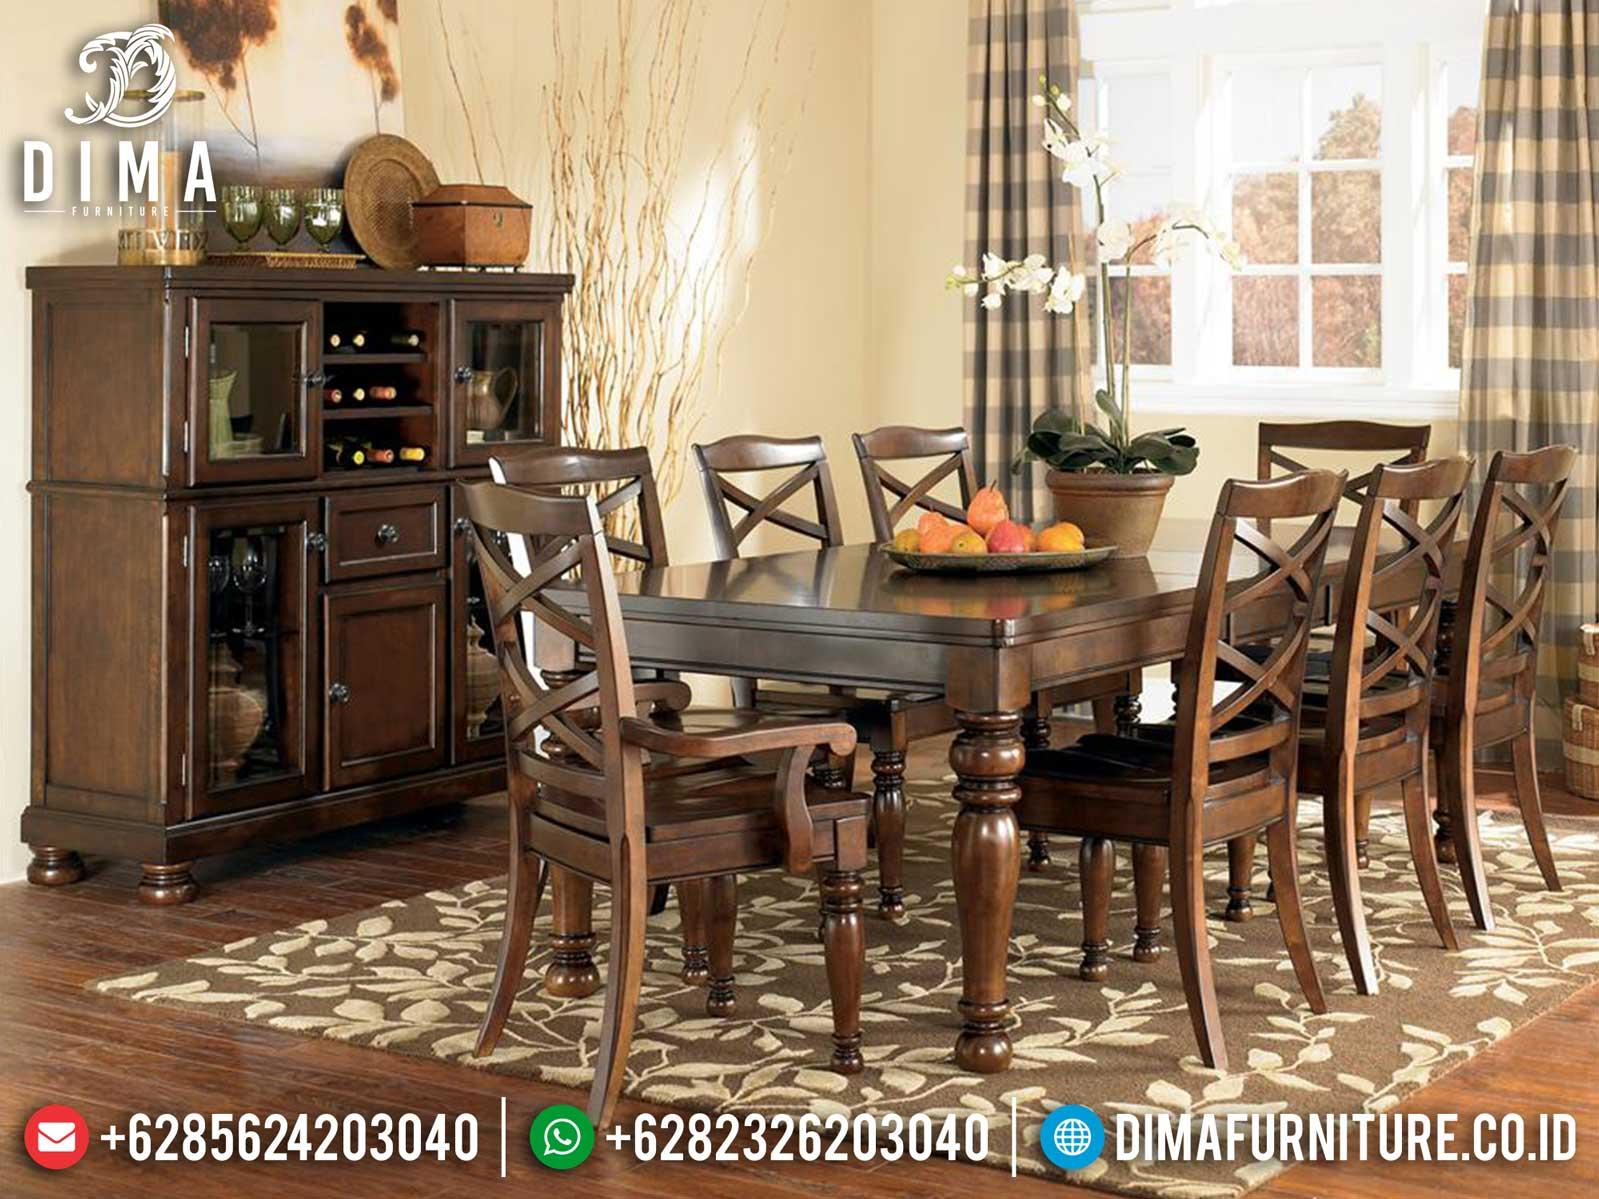 Elegant Style Meja Makan Minimalis Jati Klasik Natural Color New Design Mebel Jepara ST-0933